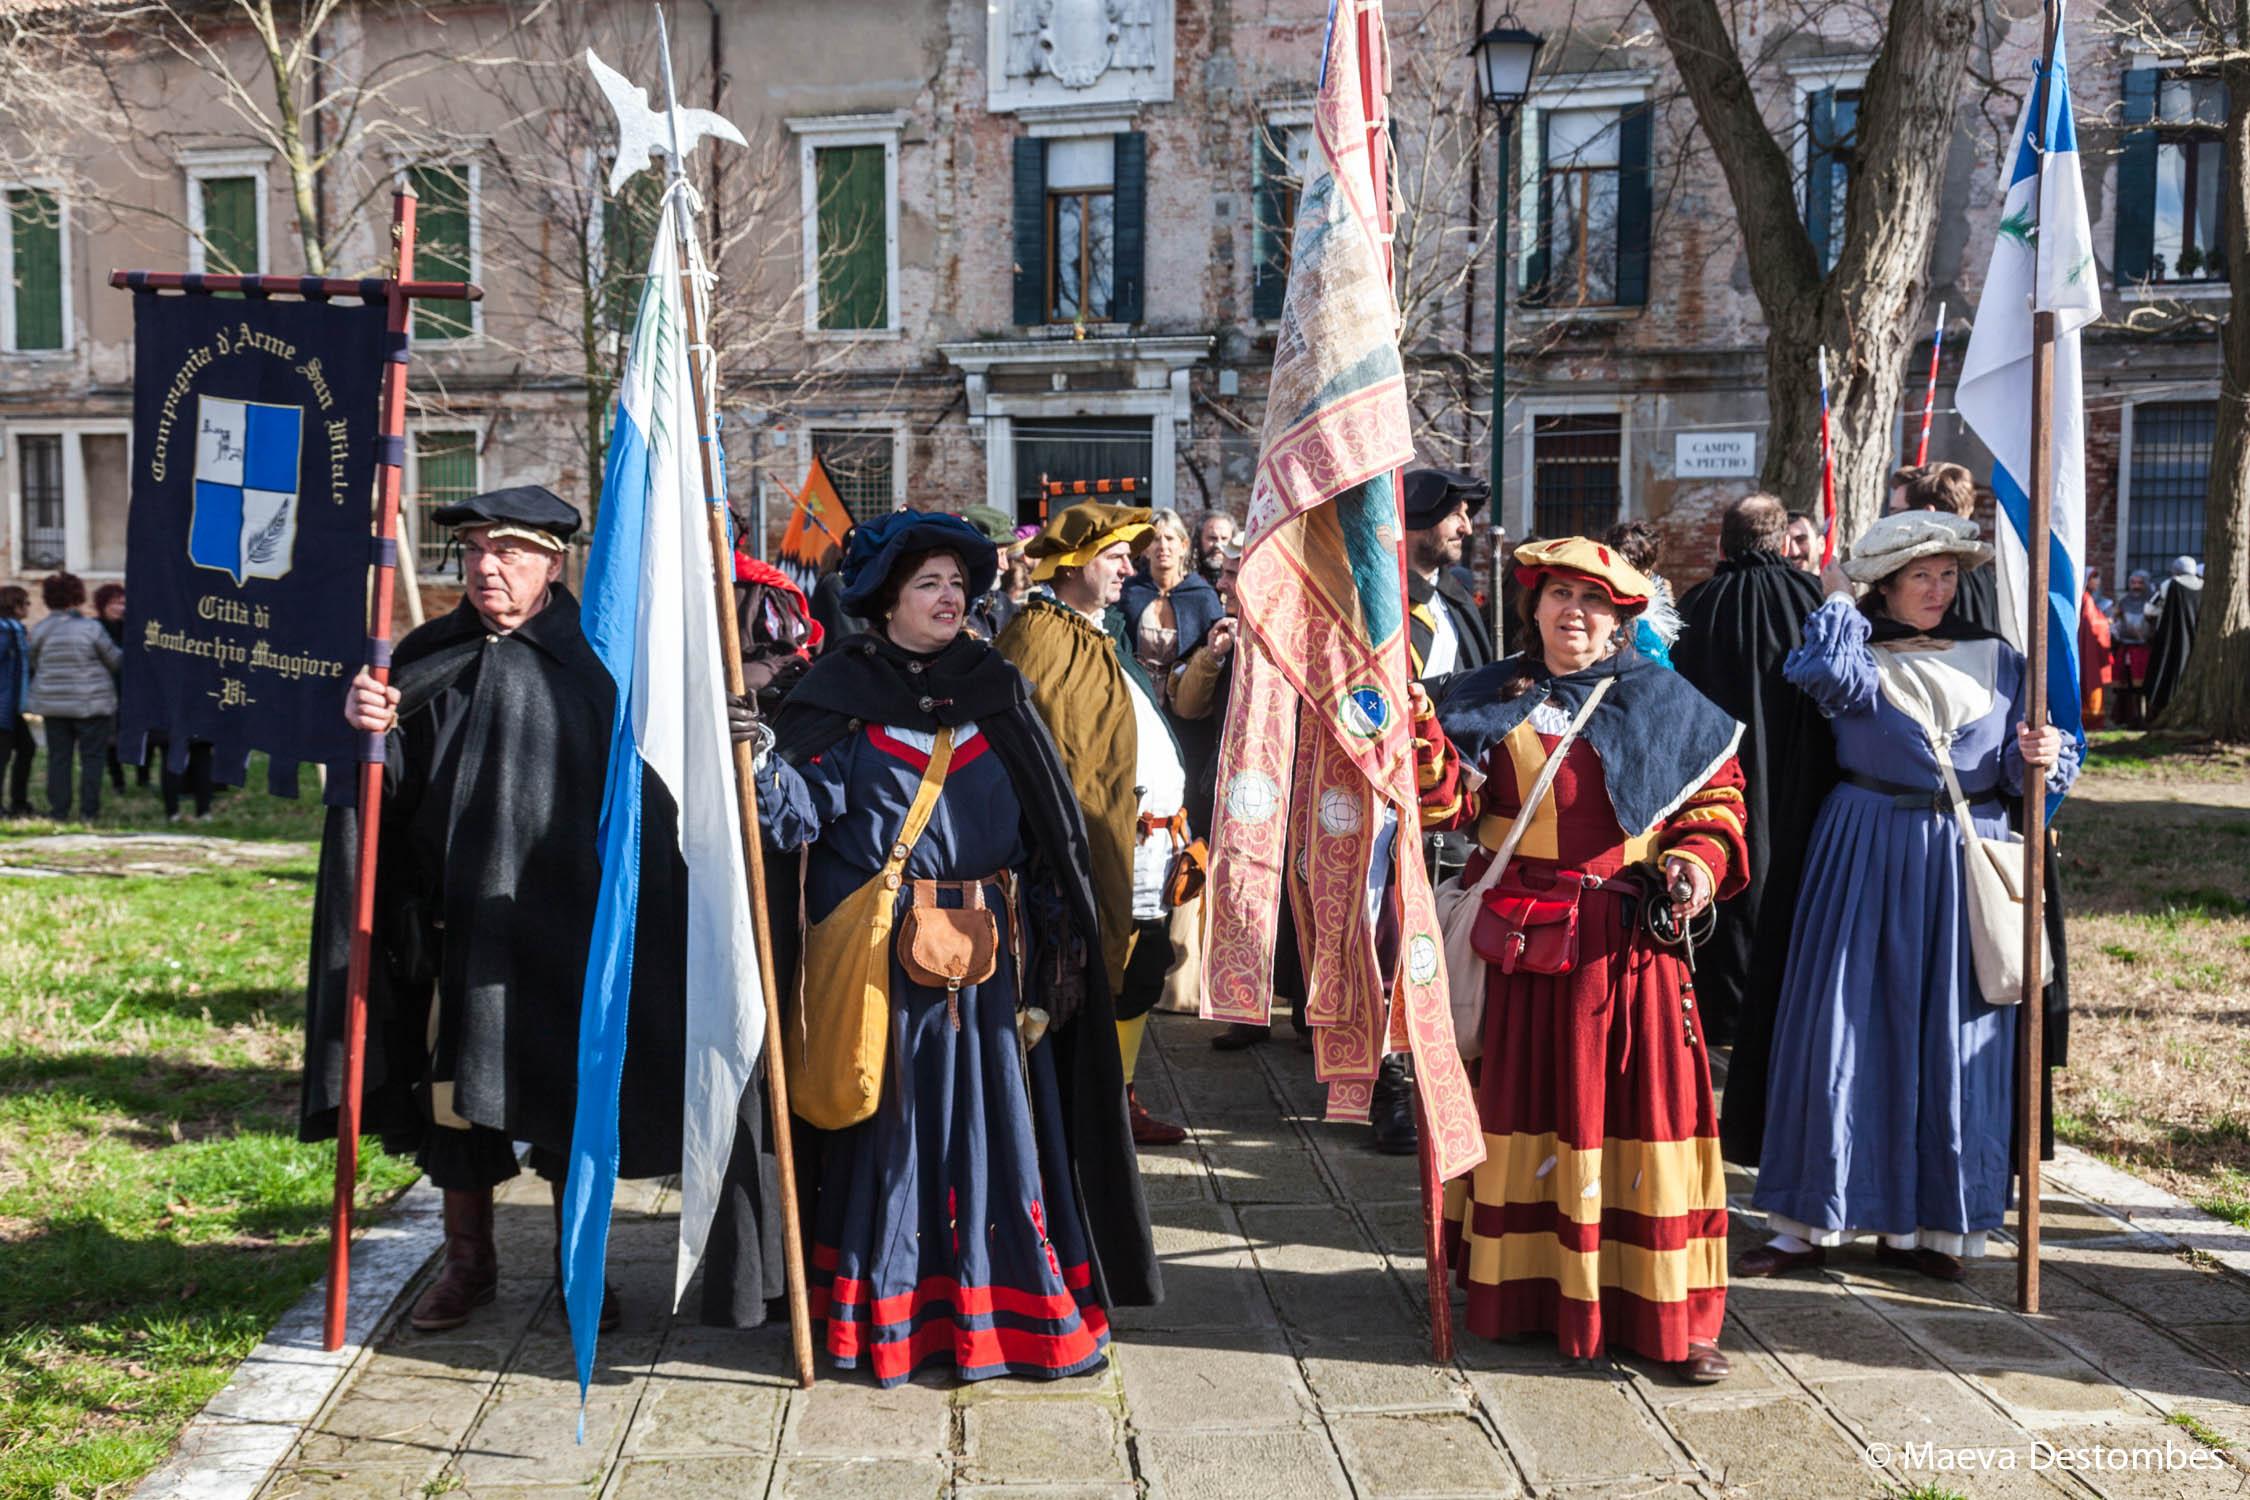 Une troupe habillée de costumes médiévaux lors du carnaval de Venise